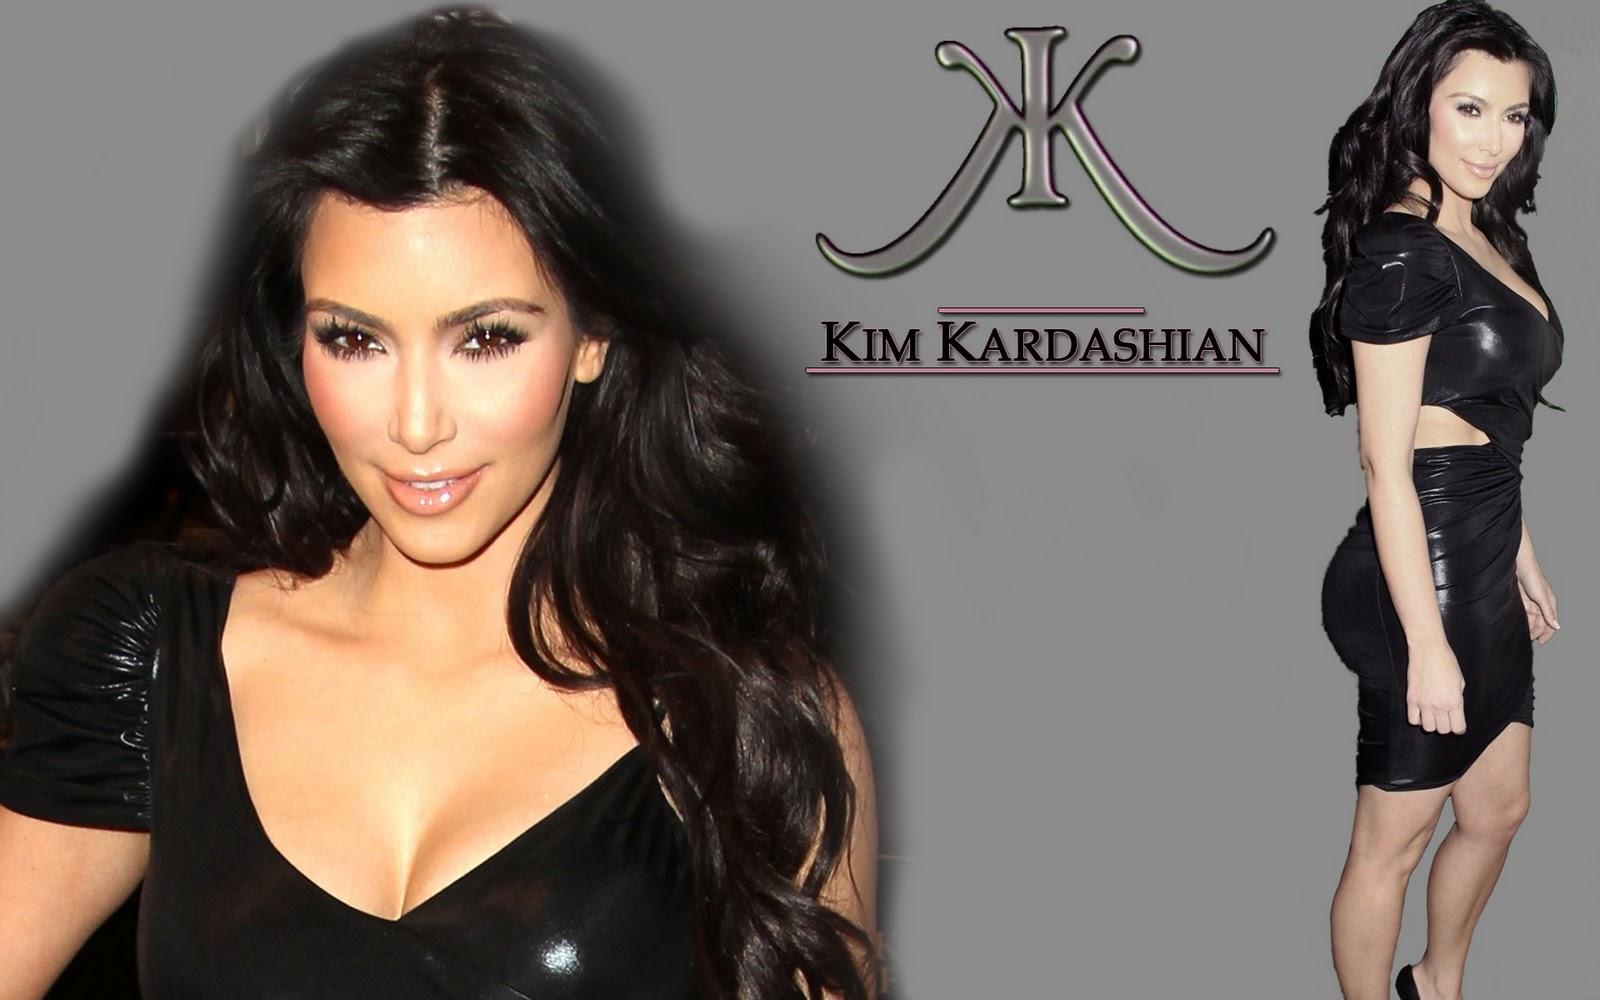 desktop kim kardashian wallpapers kim kardashian wallpaper hd 25jpg 1600x1000